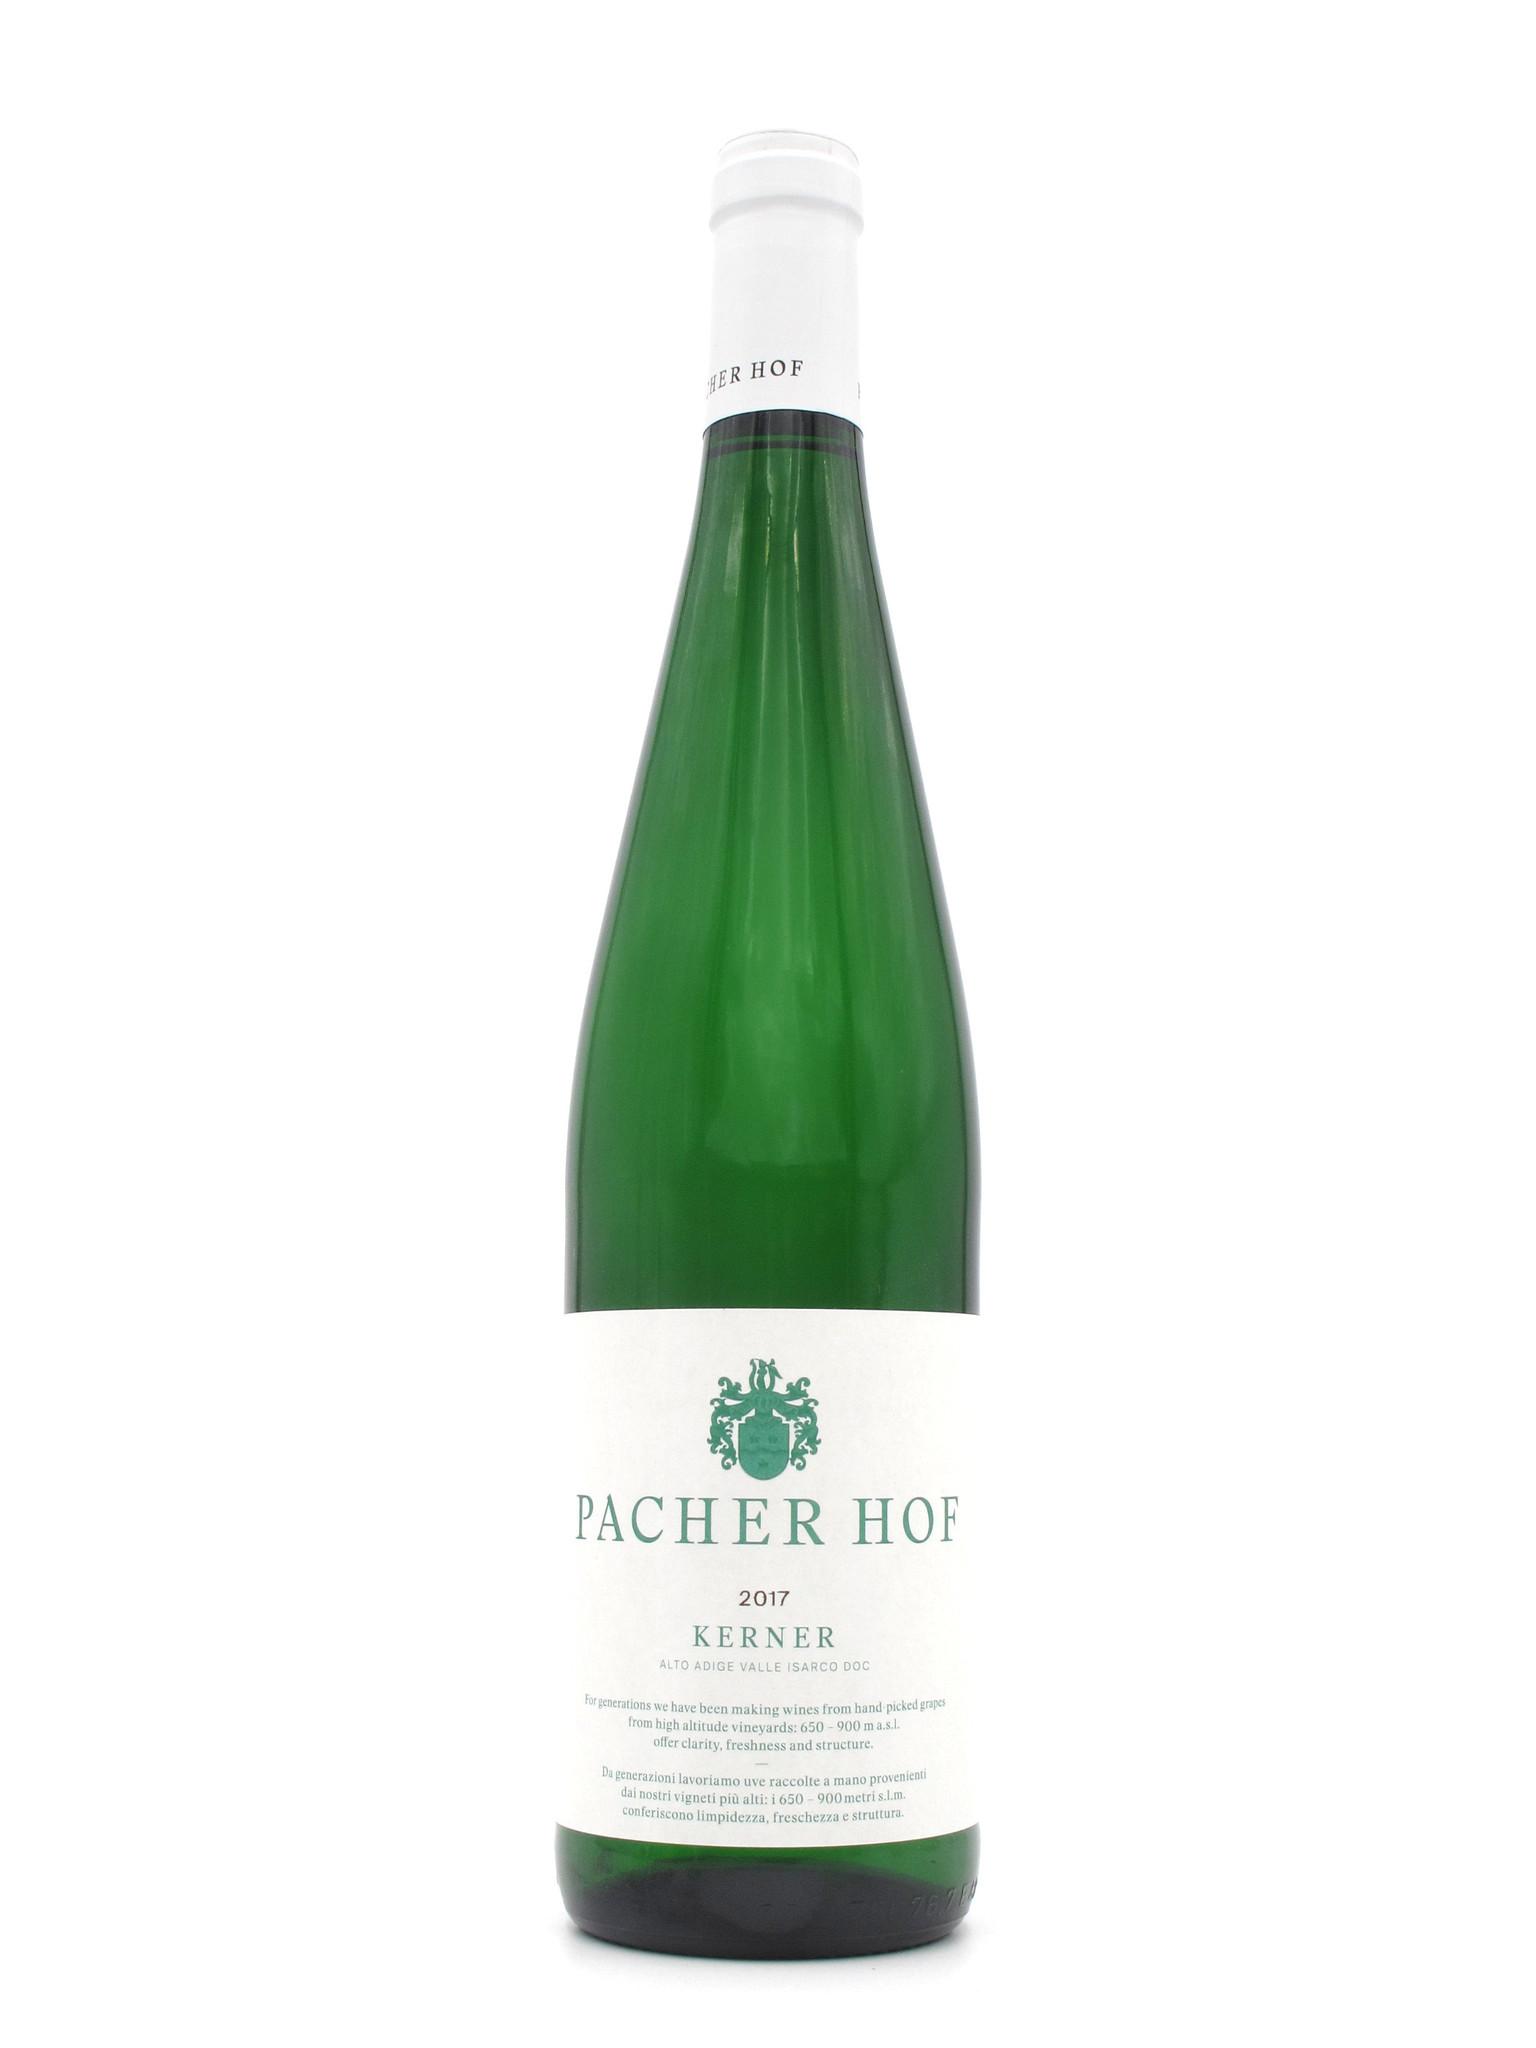 Pacherhof 2017 Pacherhof Kerner 750ml